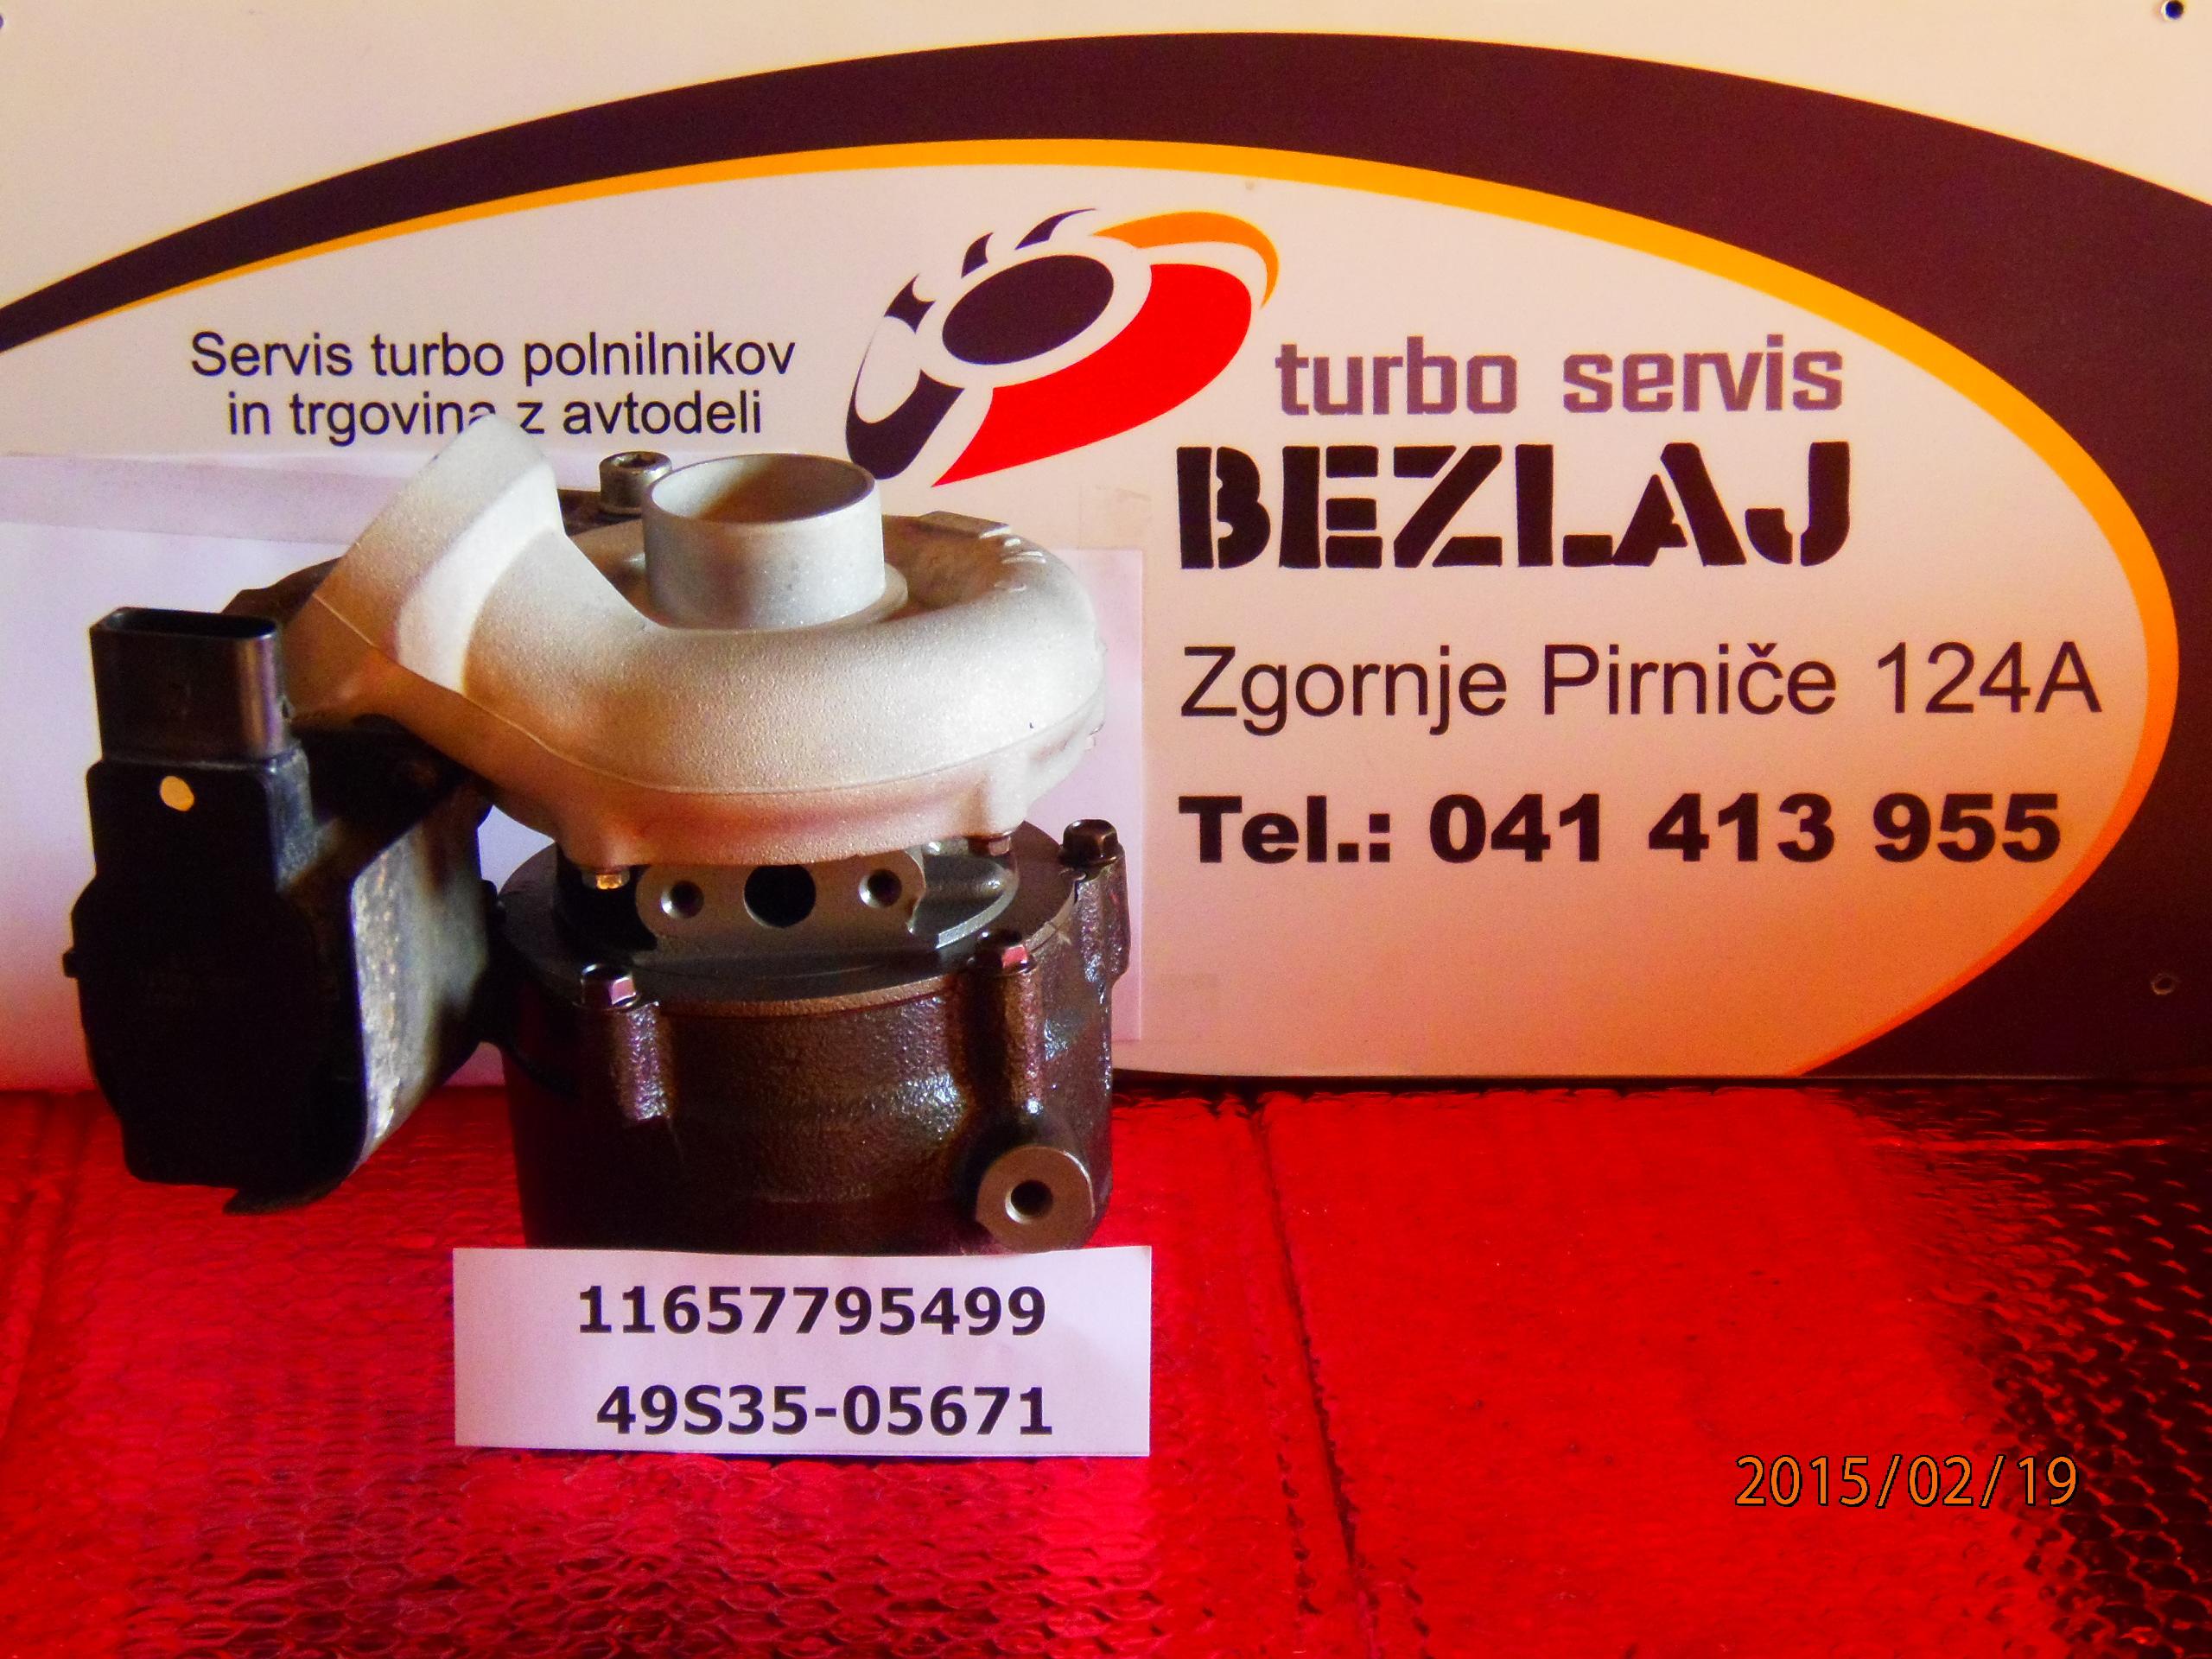 turbo49s35-05671 1